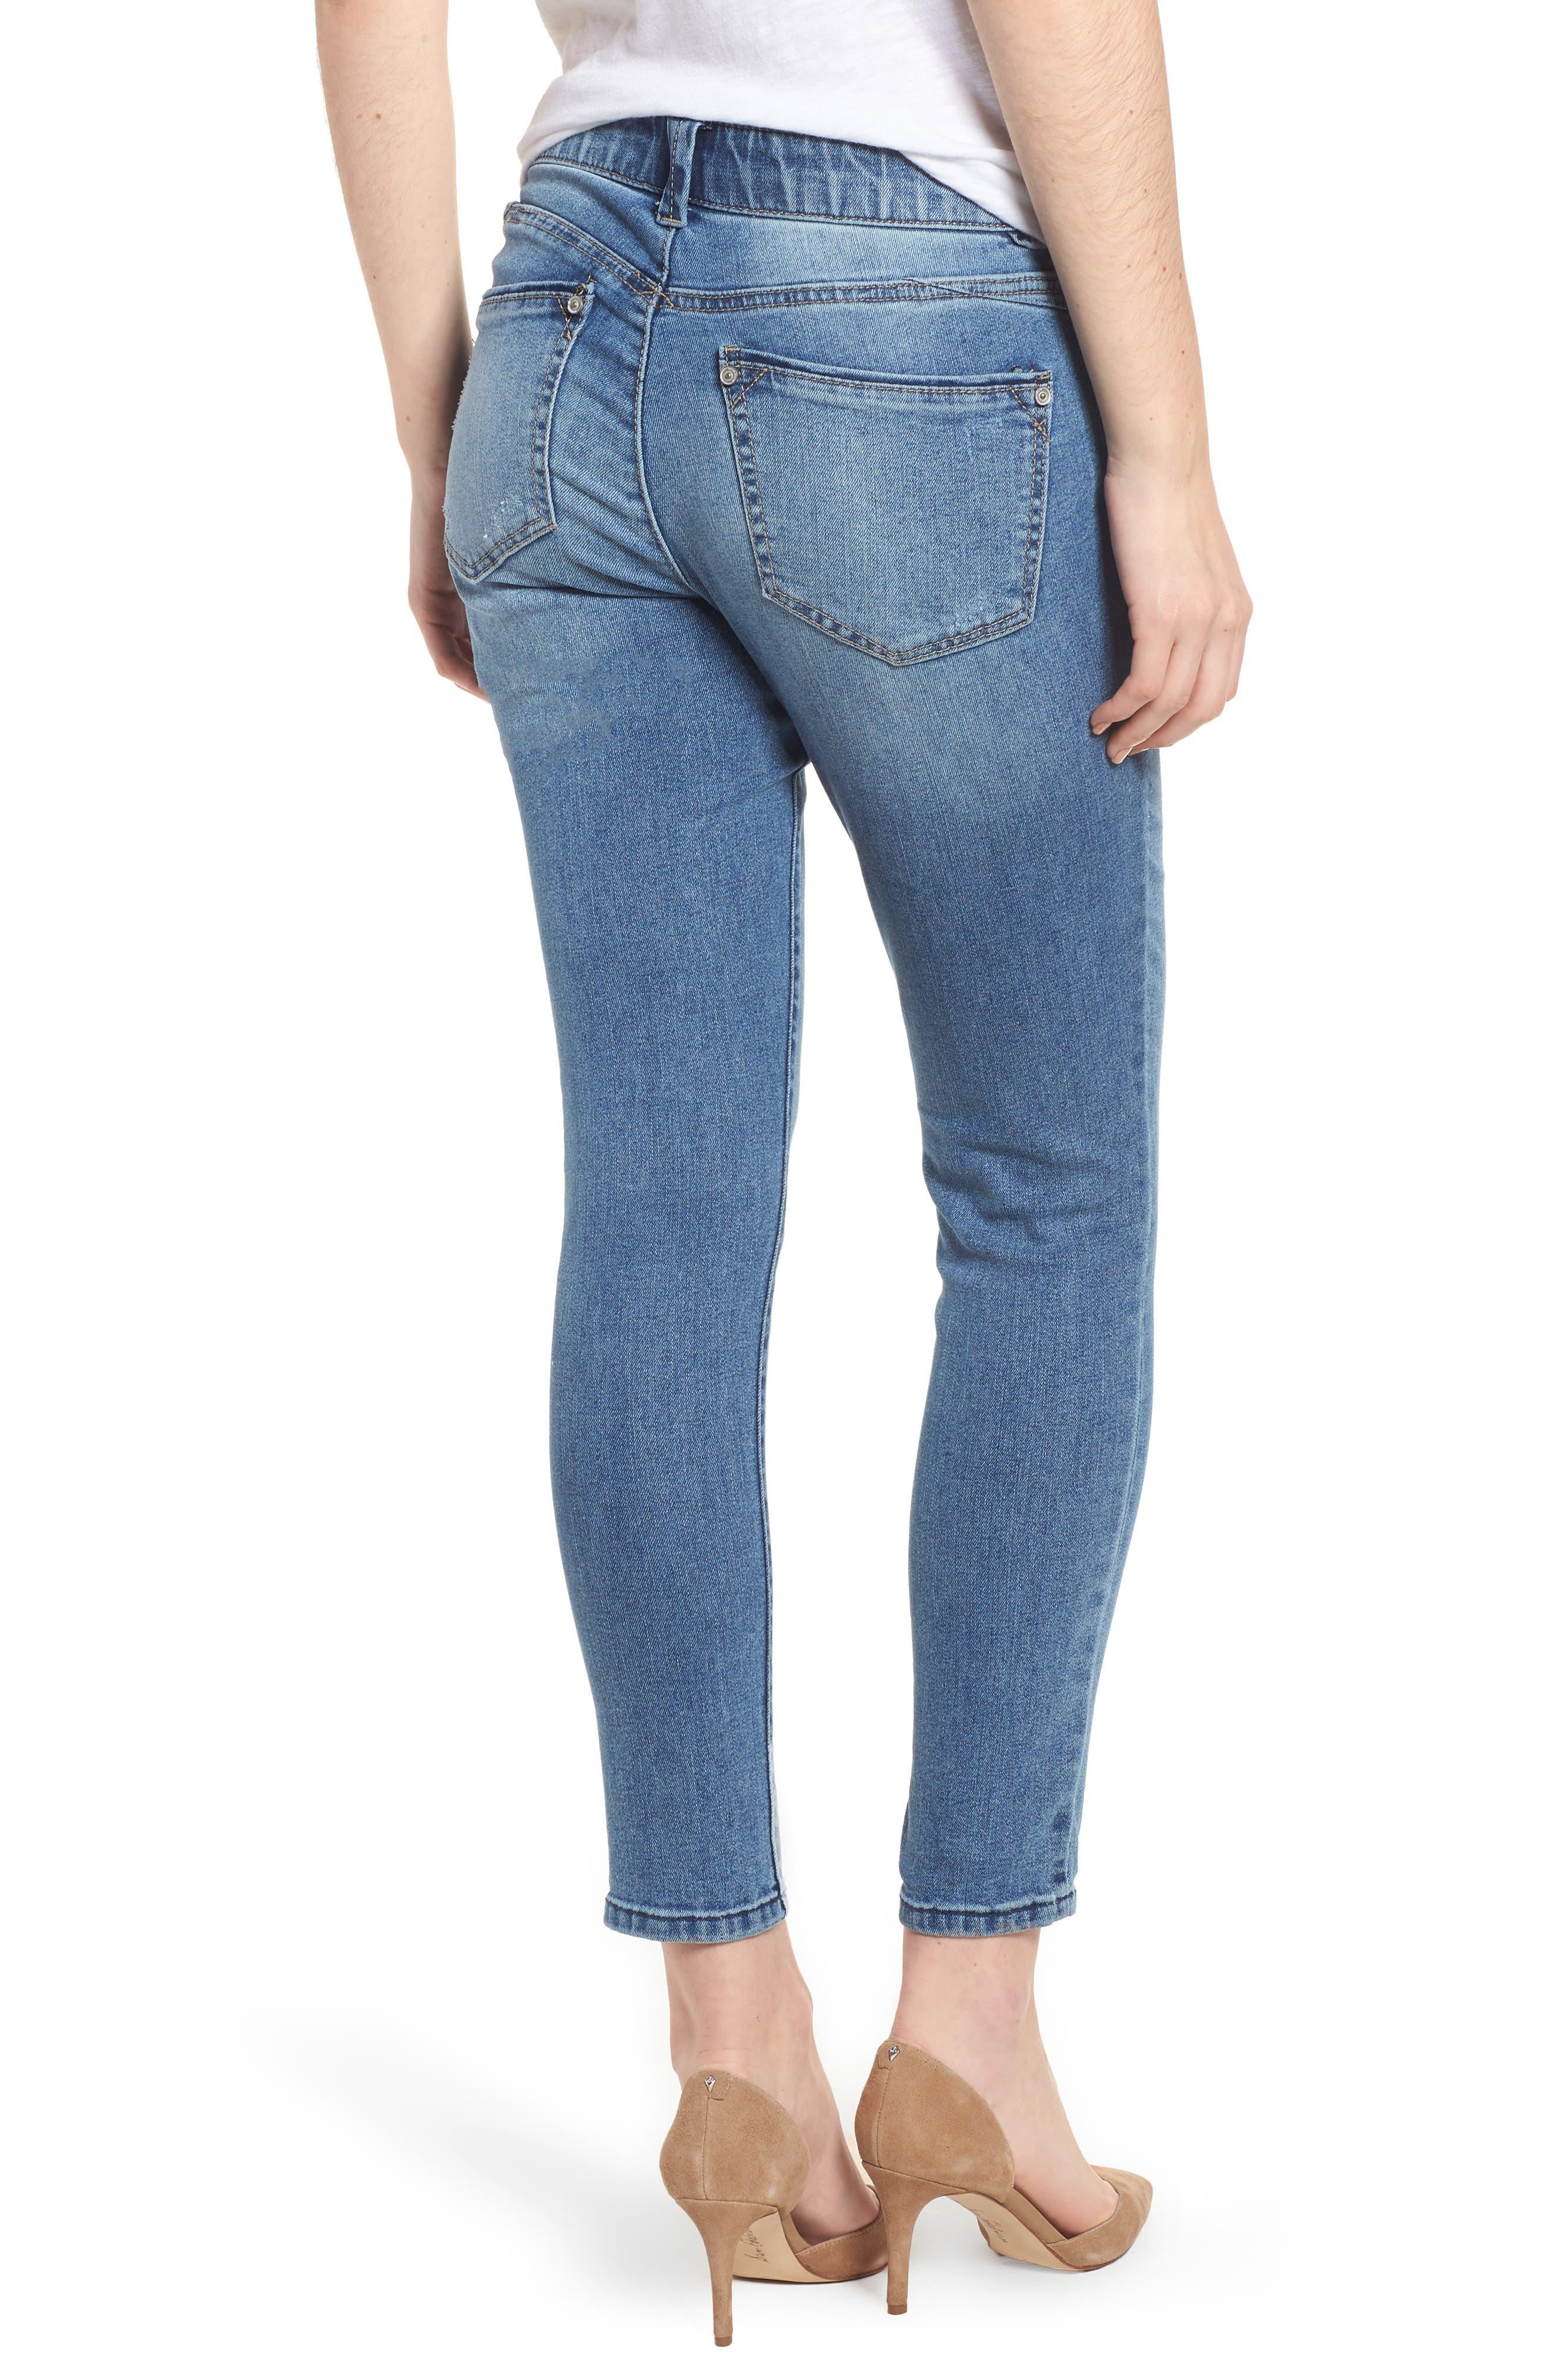 Ab-solution Ankle Skimmer Skinny Jeans Regular & Petite,                             Alternate thumbnail 2, color,                             458